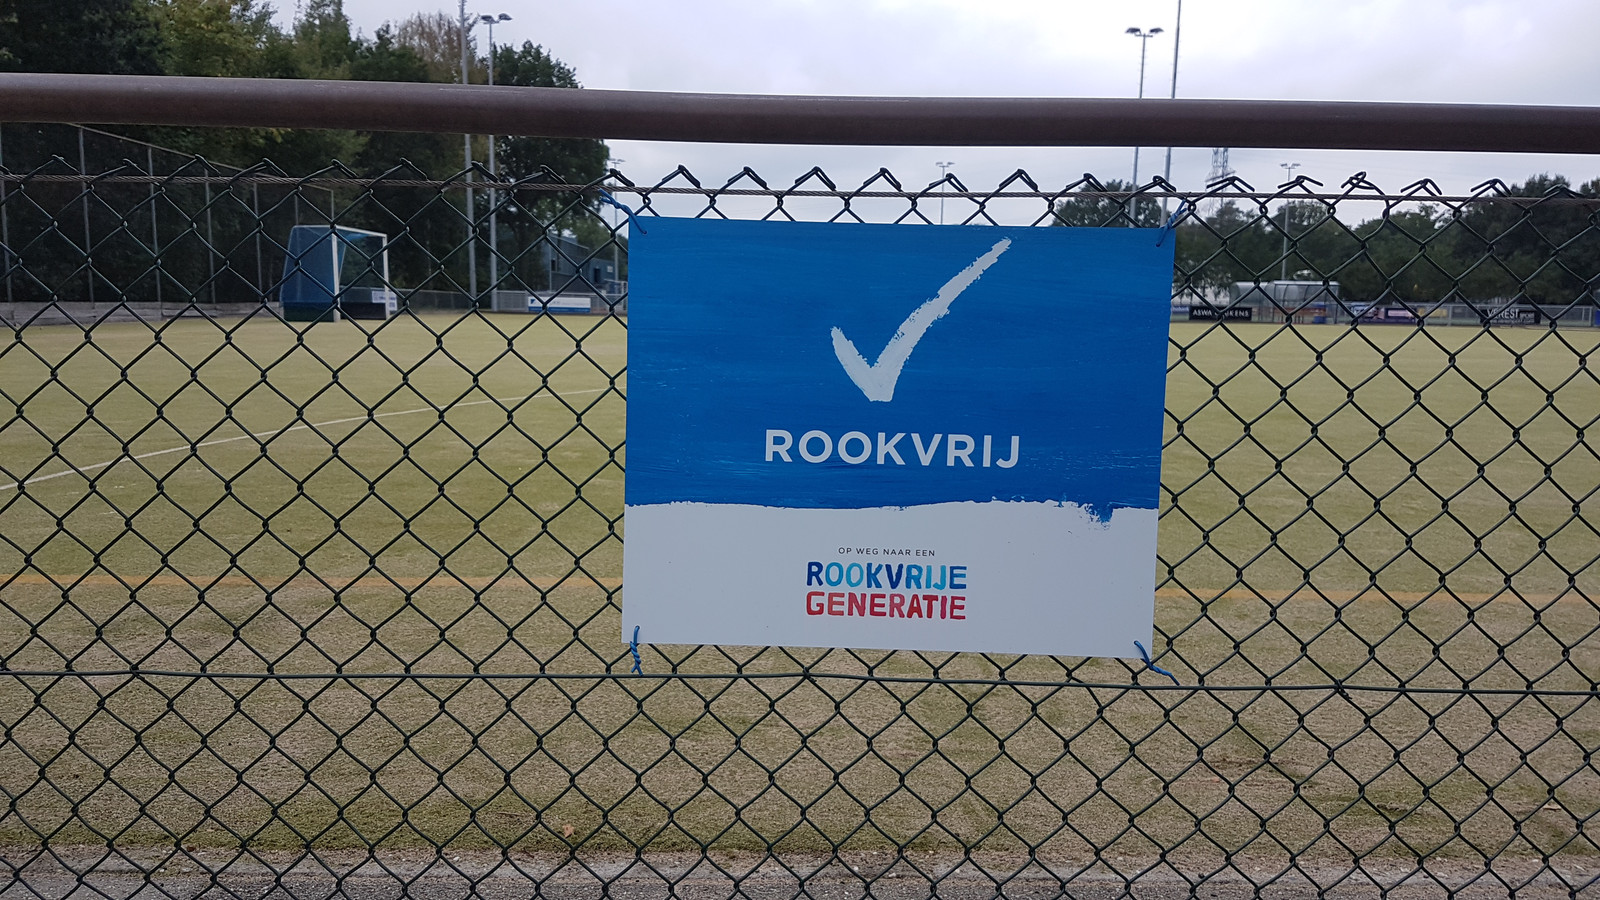 Ook rond de hockeyvelden hangen borden met het begrip 'Rookvrij'.